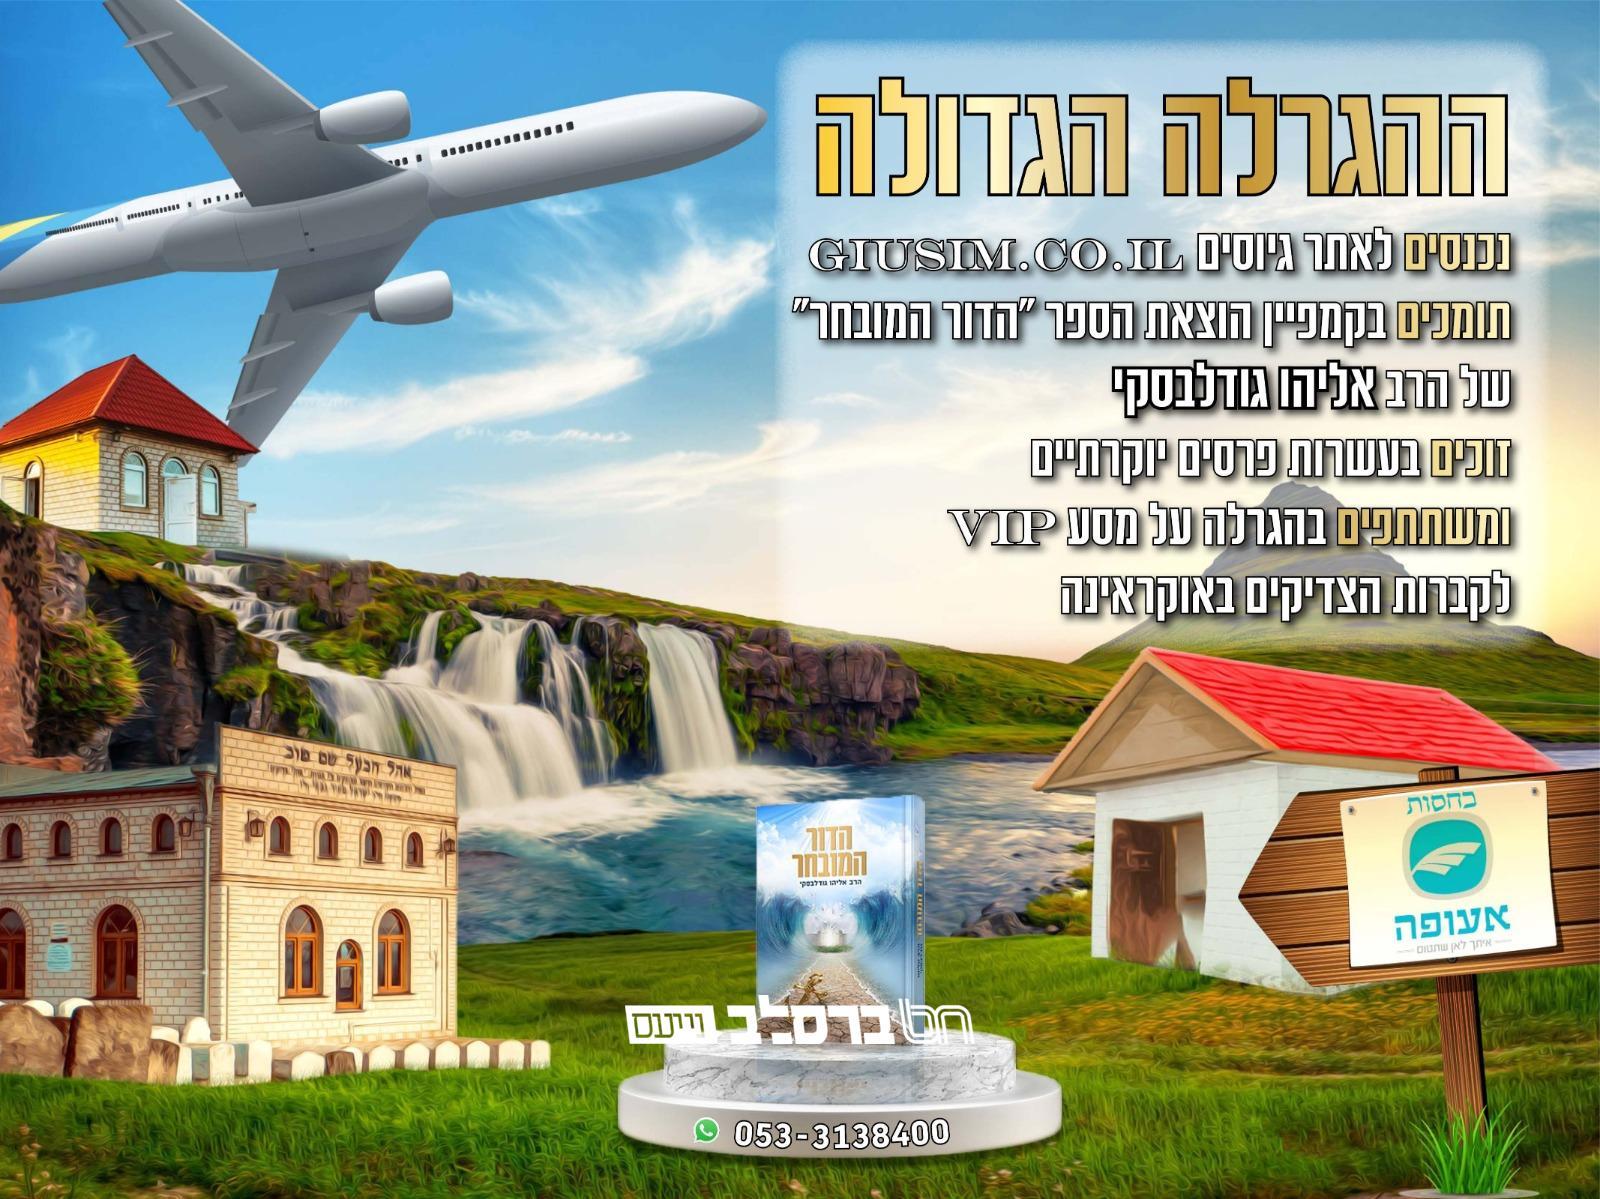 """ארגון 'אזמרה' בקמפיין הפקת הספר """"הדור המובחר"""" של הרה""""ח רבי אליהו גודלבסקי שליט""""א"""